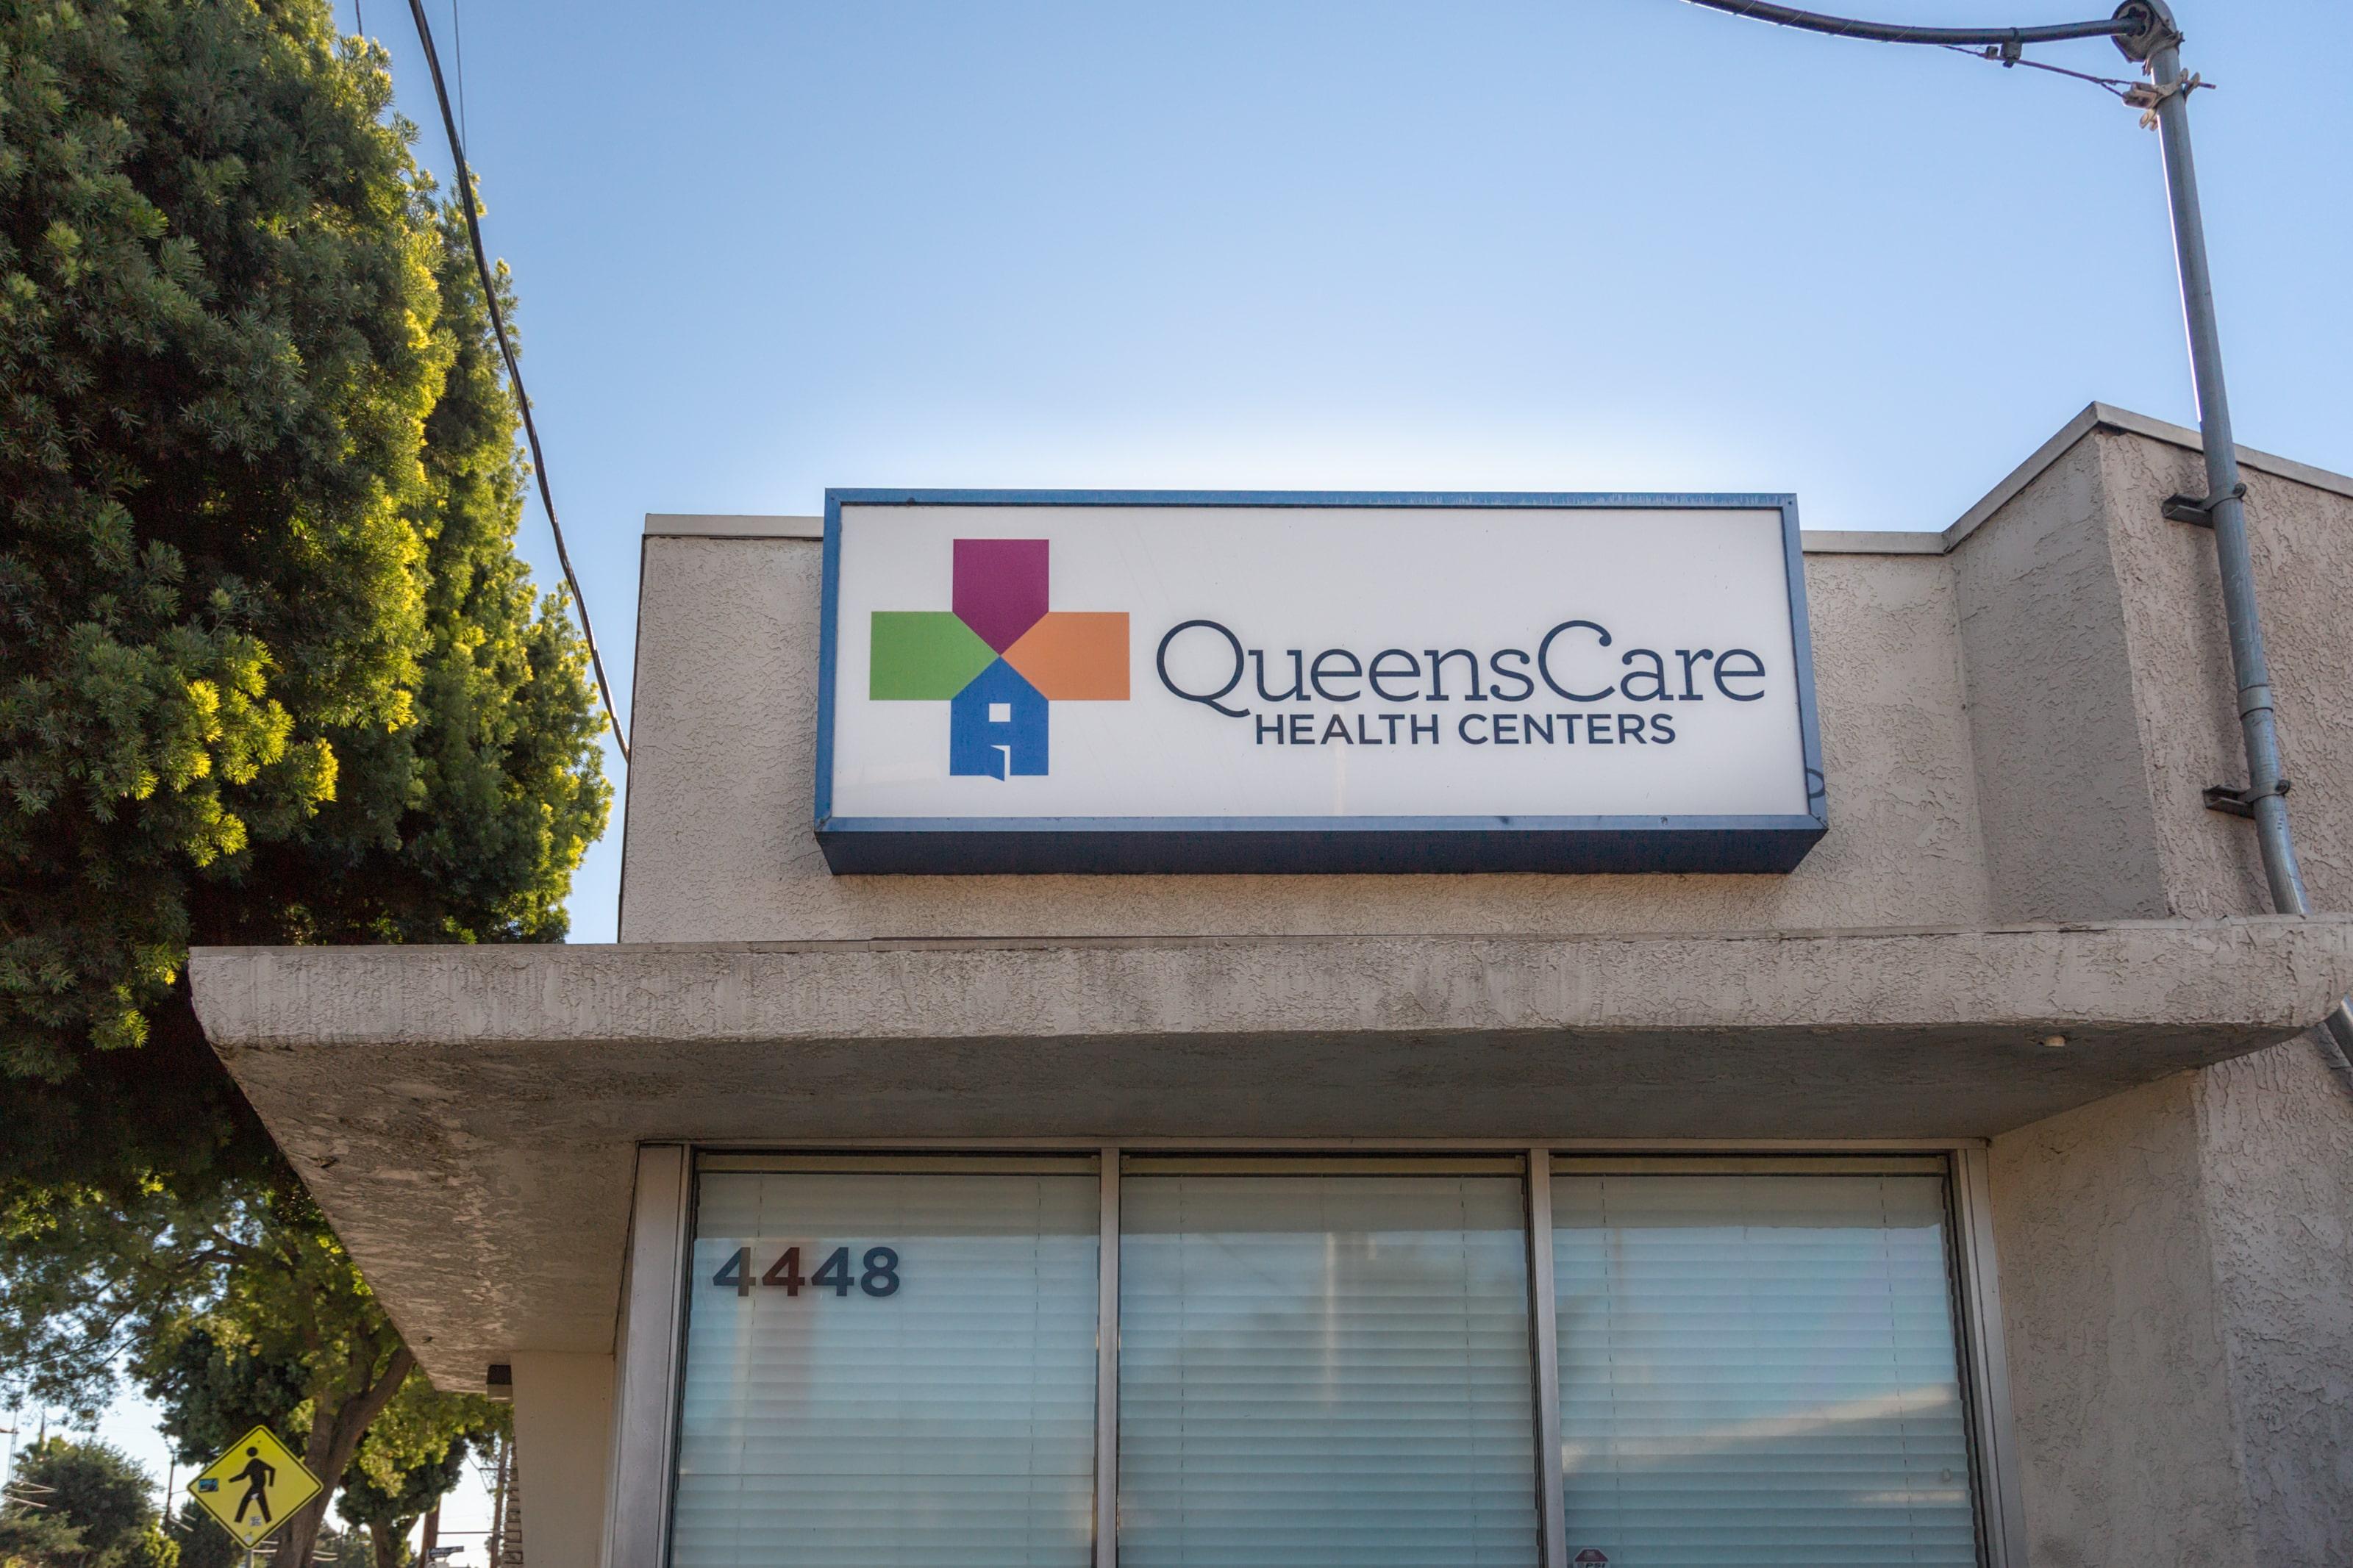 QueensCare Health Centers - Eagle Rock